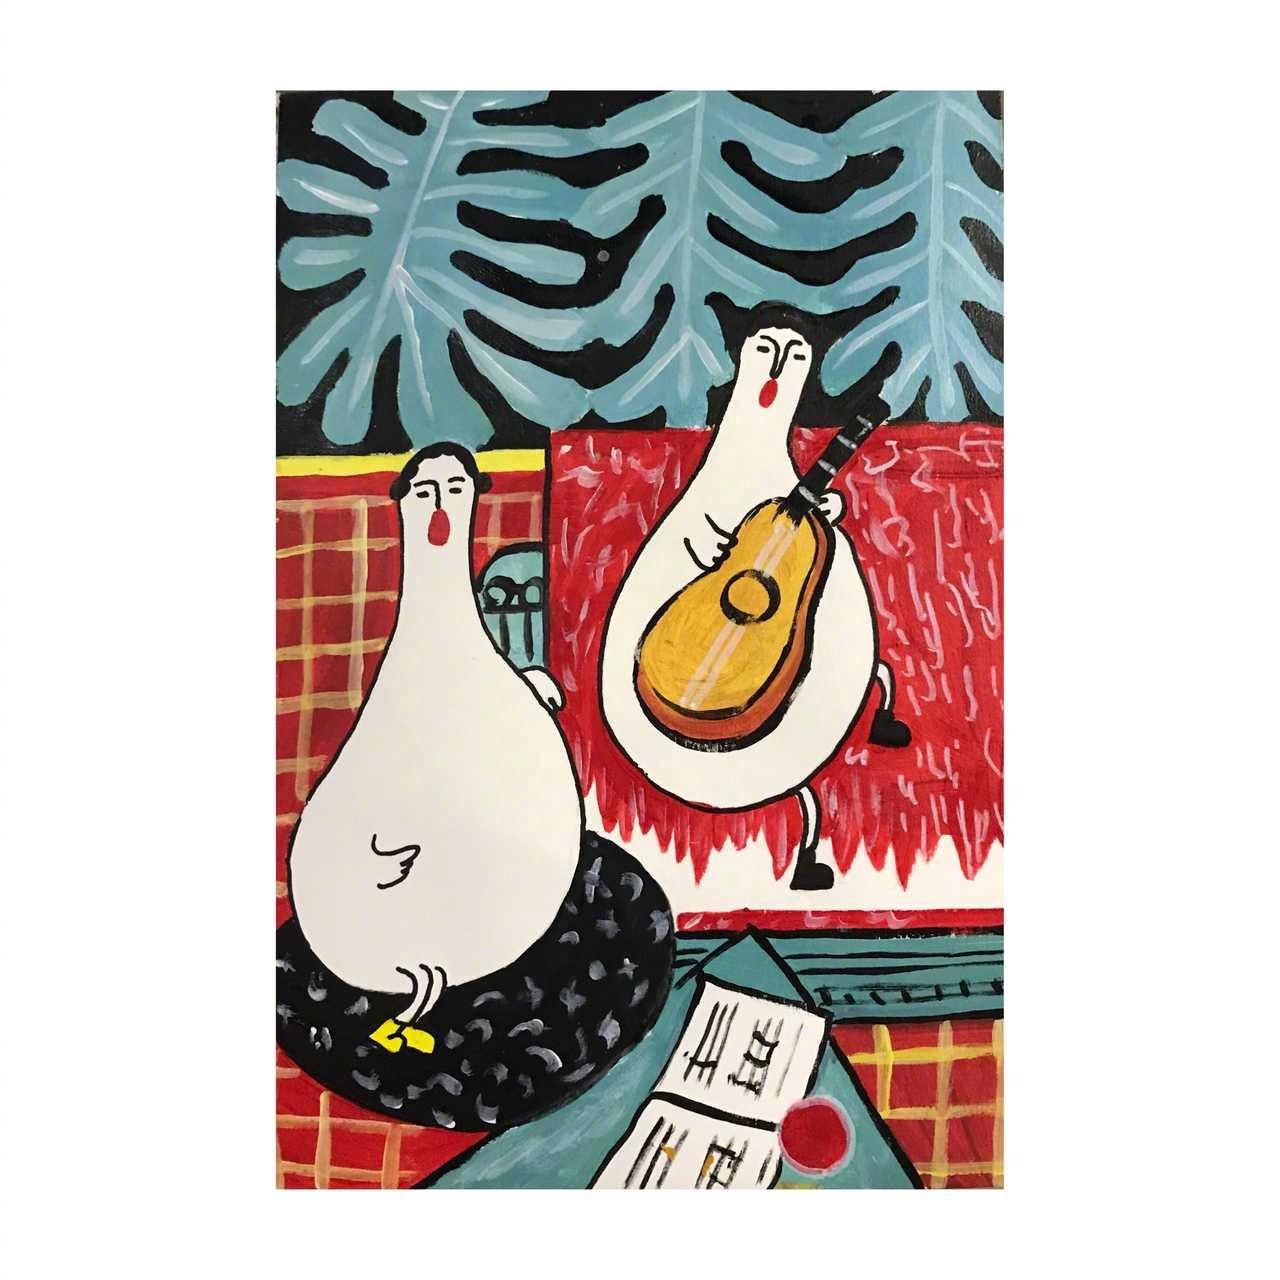 这种风格你们喜欢吗:铜锣湾的肥天鹅 ——(今日插画)